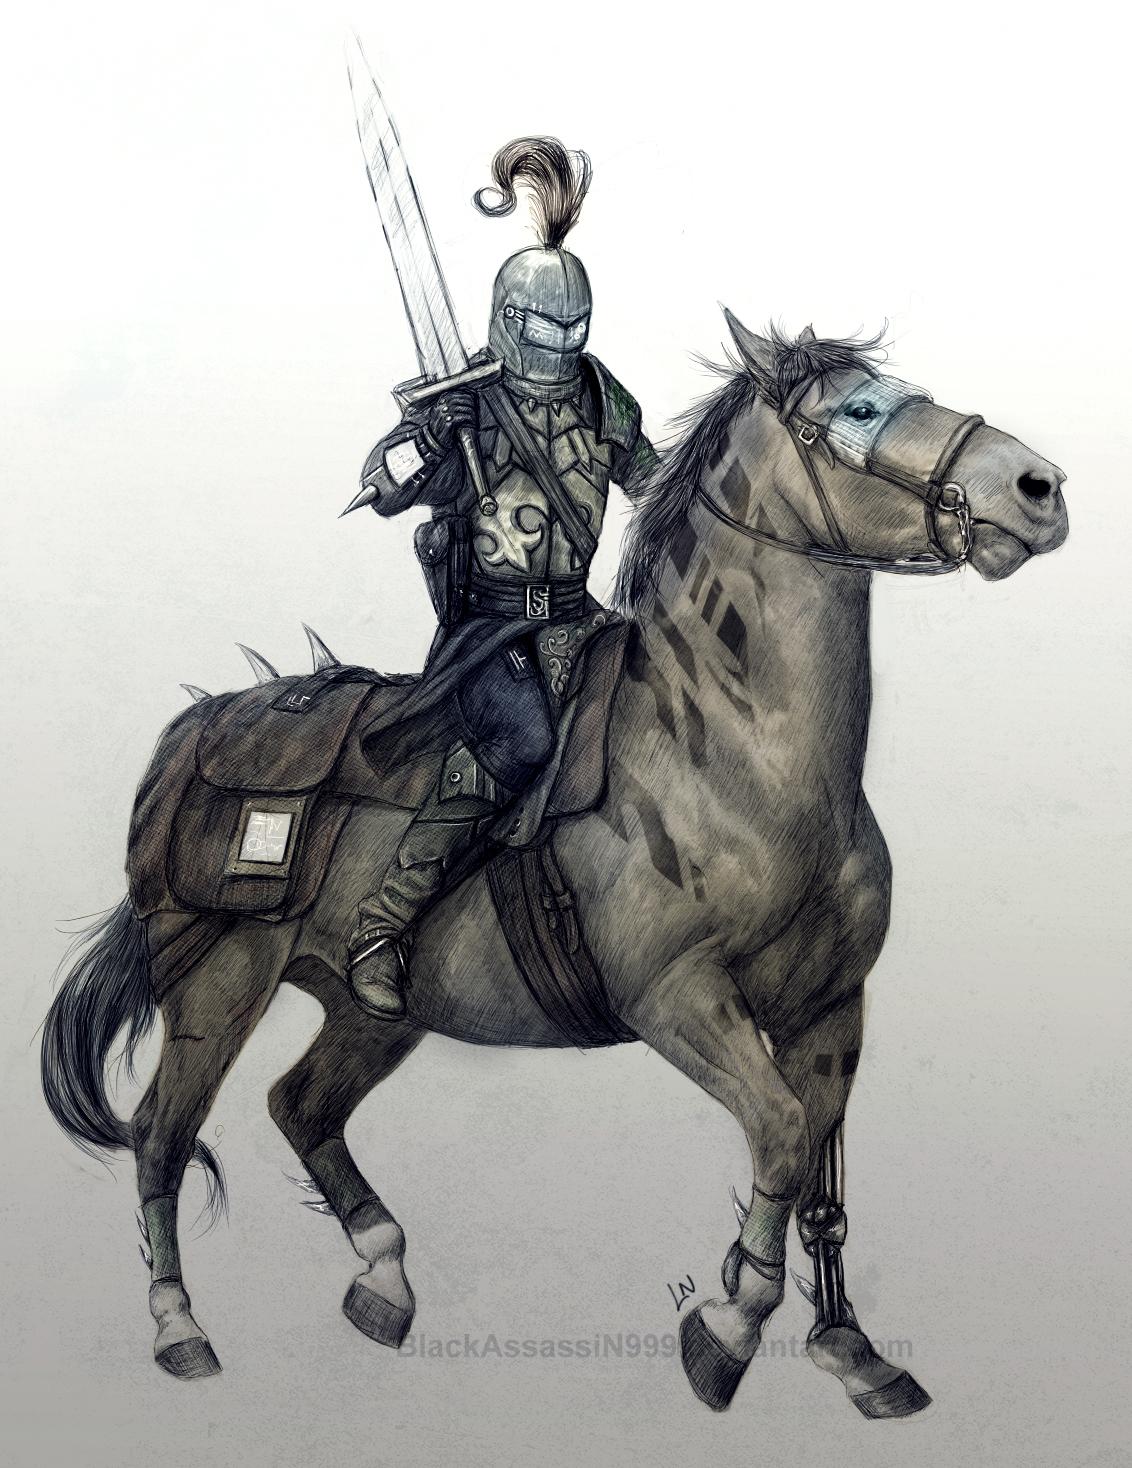 Coloured Knight sketch by BlackAssassiN999 on DeviantArt